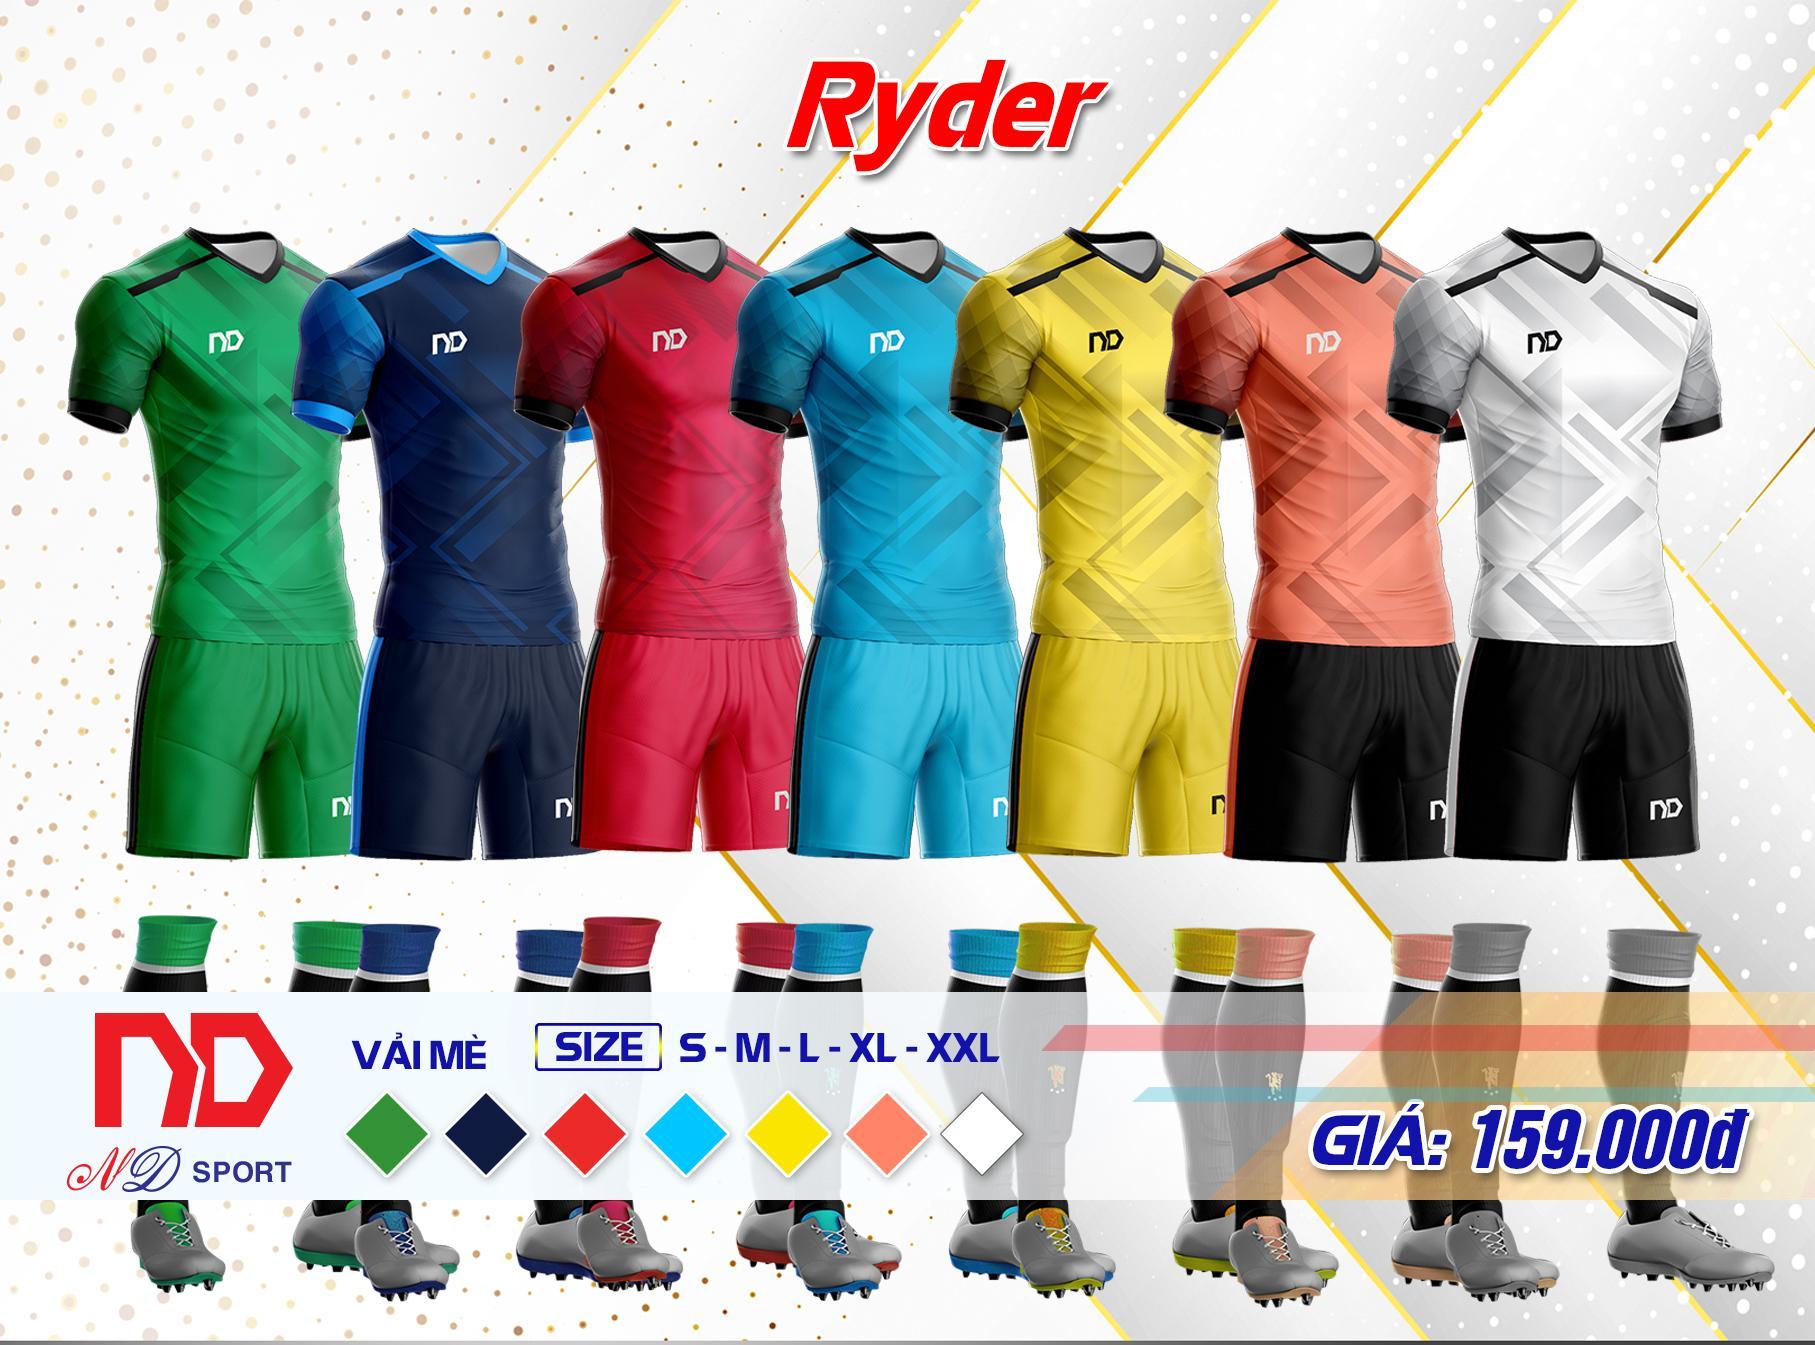 Bộ quần áo thể thao RYDER